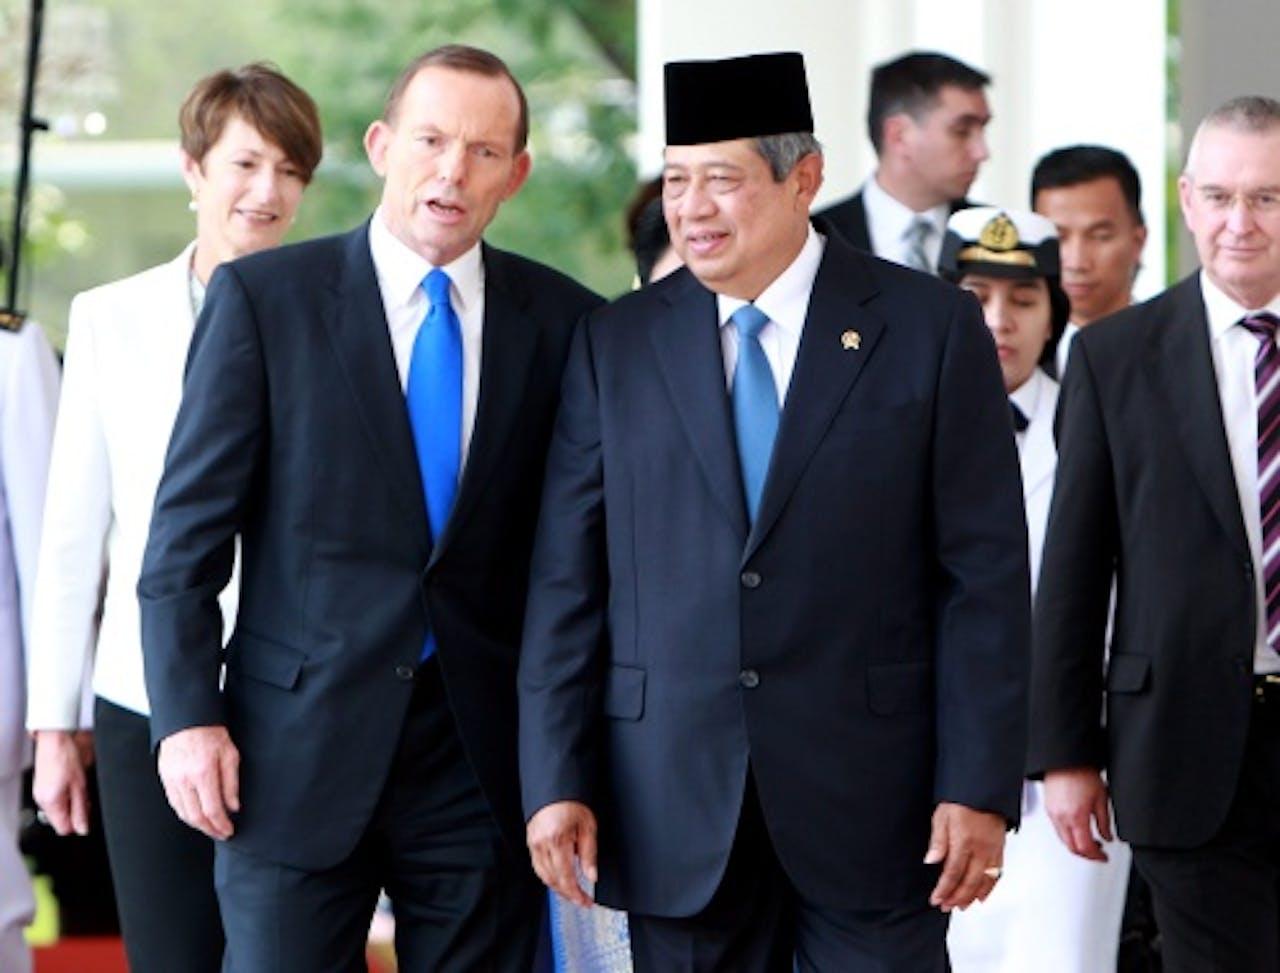 De Australische premier Tony Abbott (L) en de Indonesische president Susilo Bambang Yudhoyono. EPA